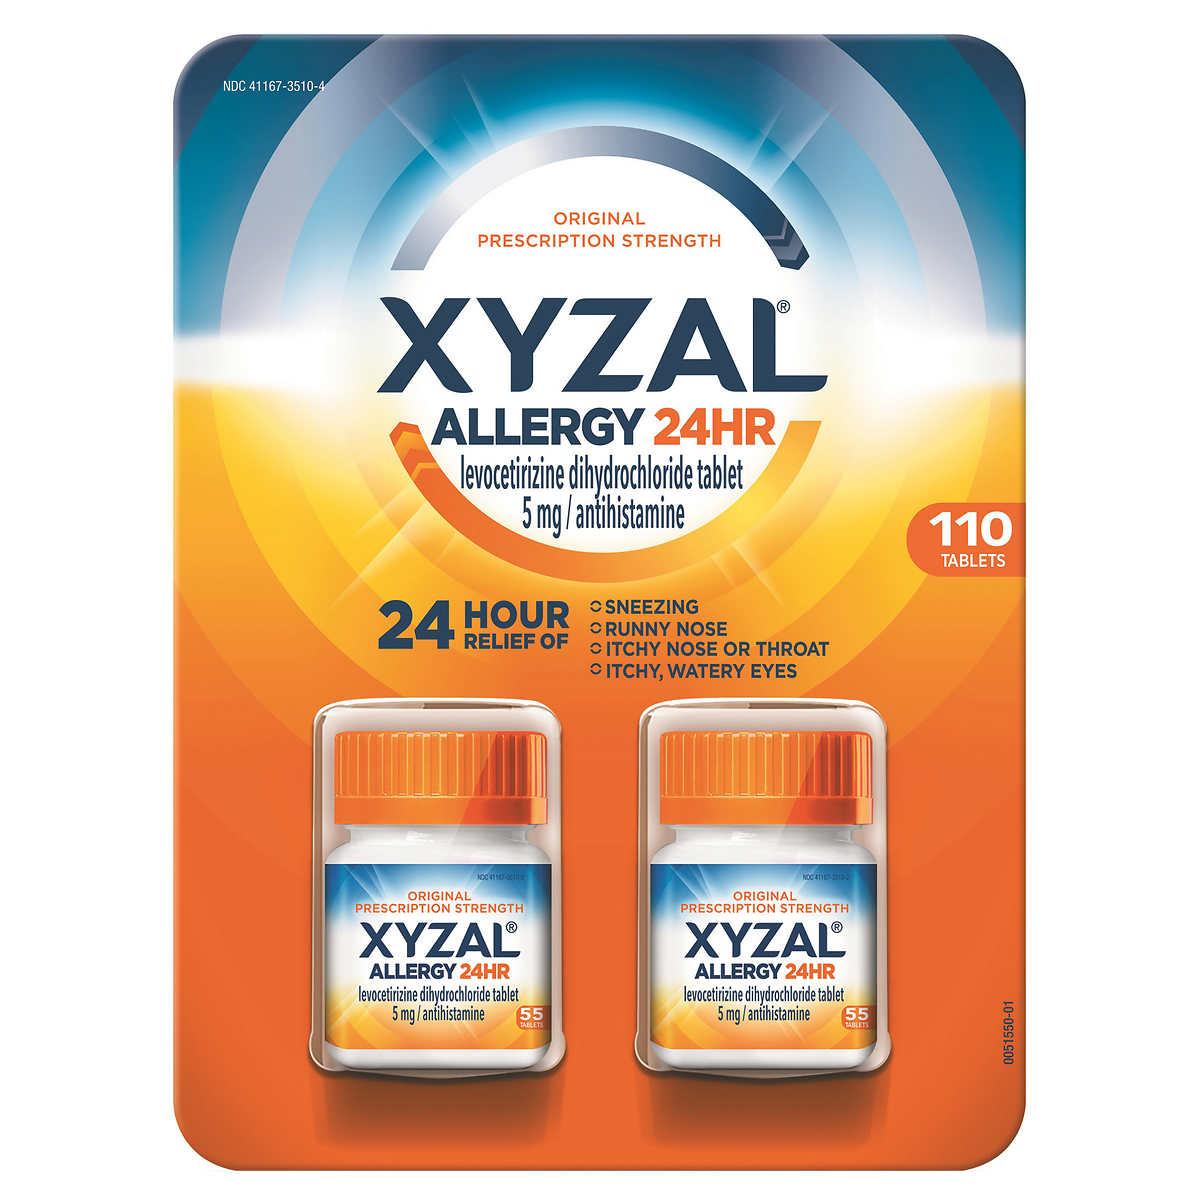 Xyzal treatment of symptoms